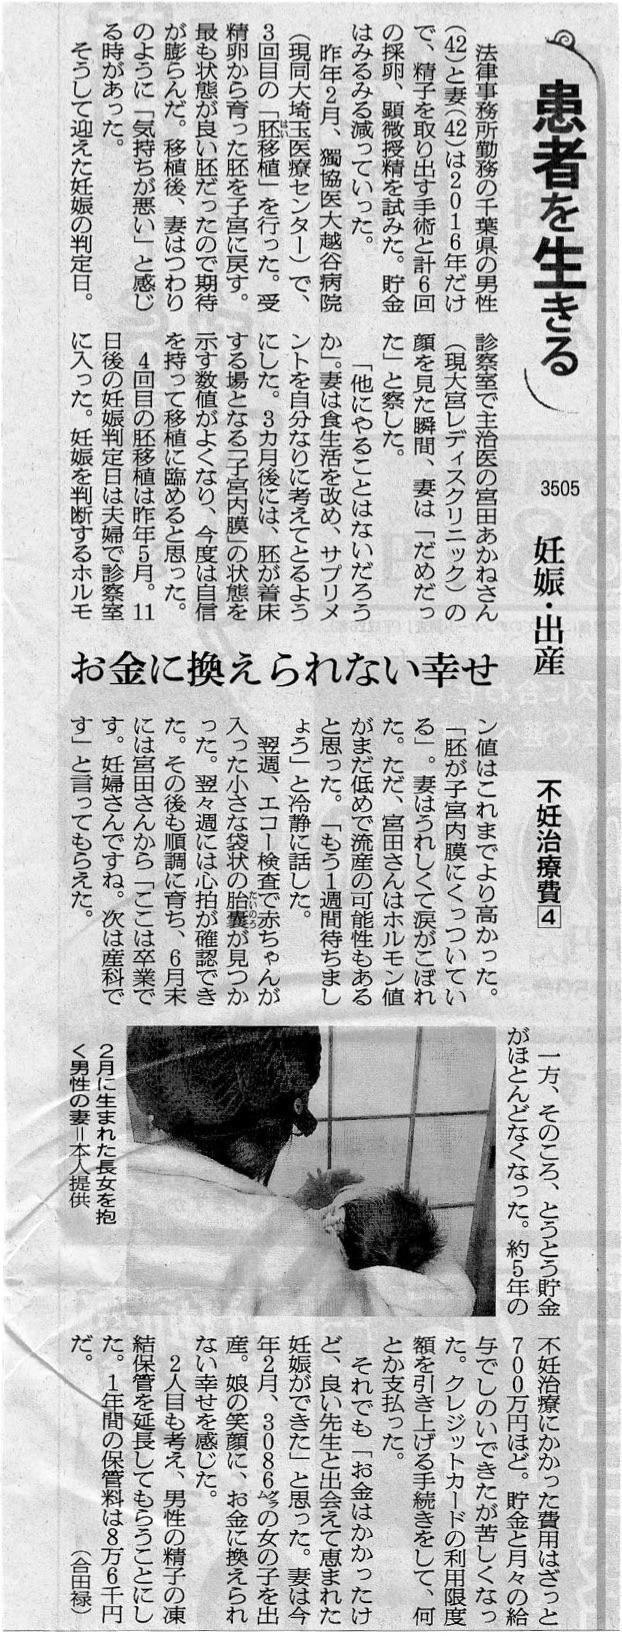 Asahi_20180308